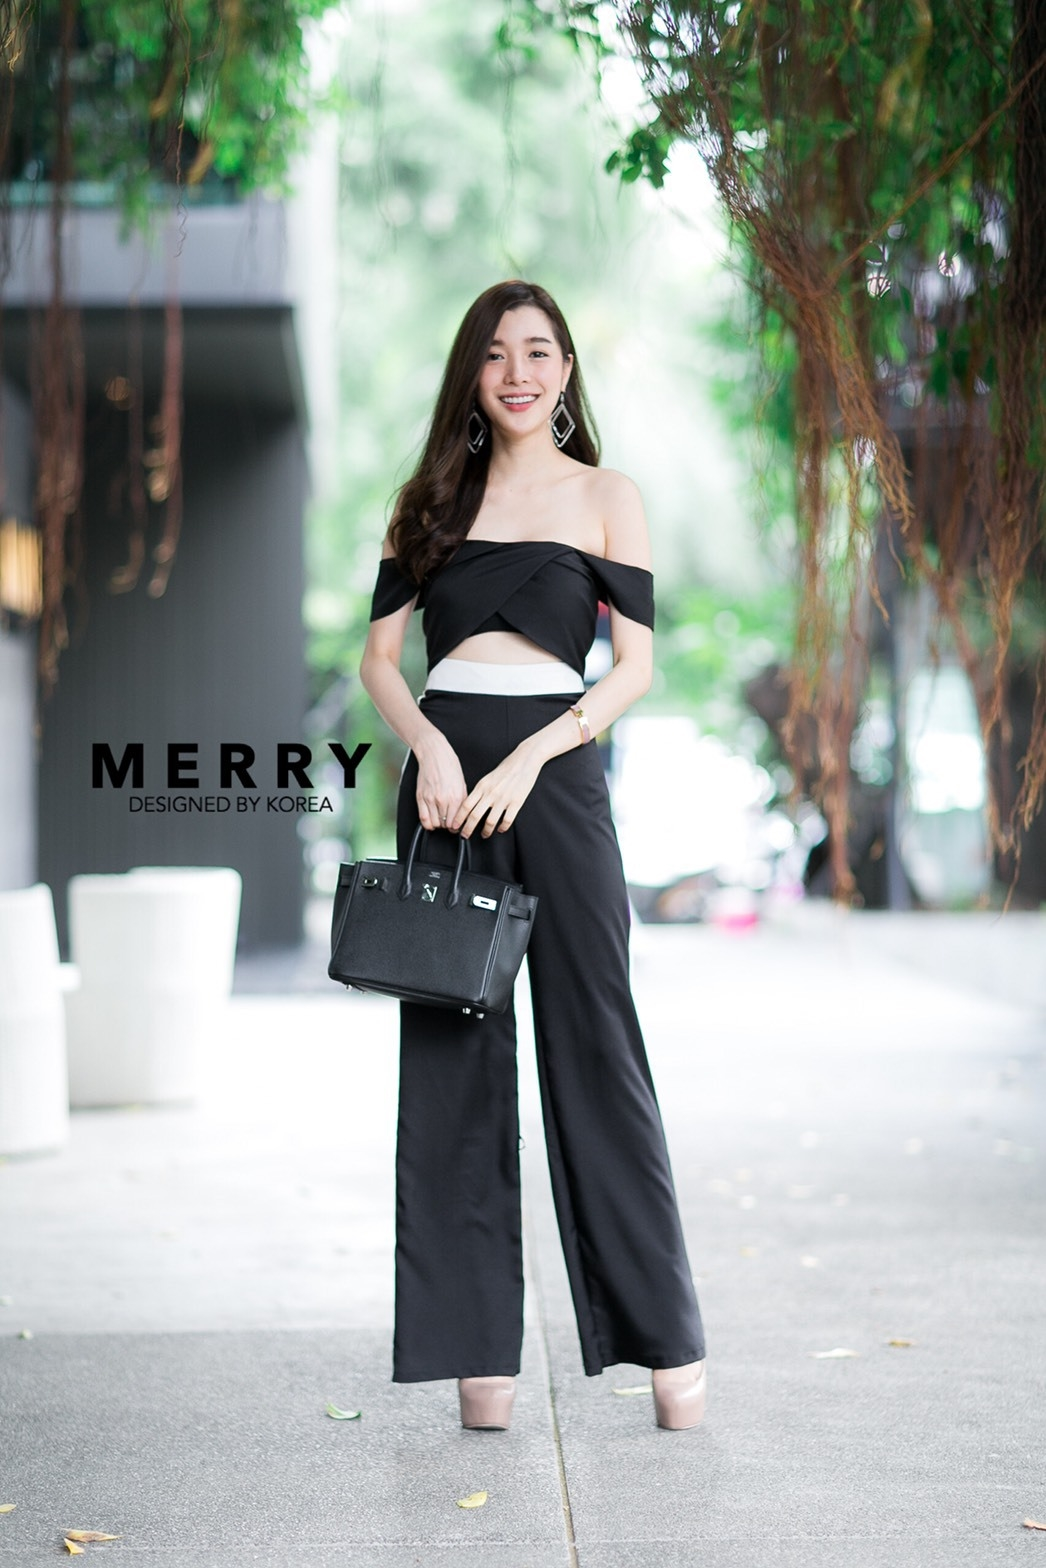 เสื้อผ้าเกาหลีพร้อมส่ง เสื้อเปนเสื้อปาดไหล่ มาพร้อมซิปอย่างดี จับคู่มากับกางเกงขายาวเอวสูงทรงสวย